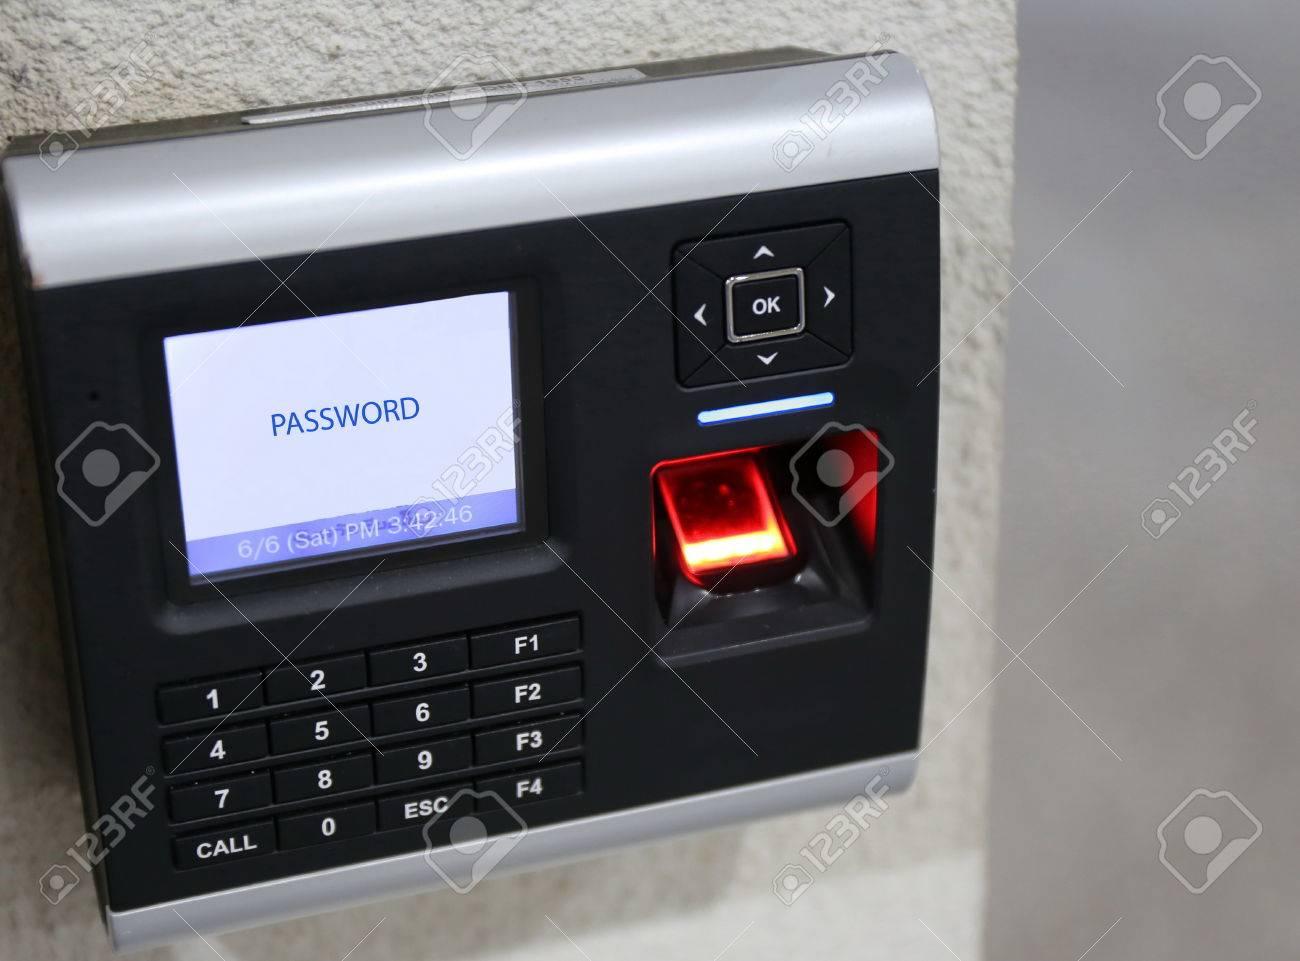 finger scanner for access password door security Stock Photo - 54877851 & Finger Scanner For Access Password Door Security Stock Photo ... pezcame.com